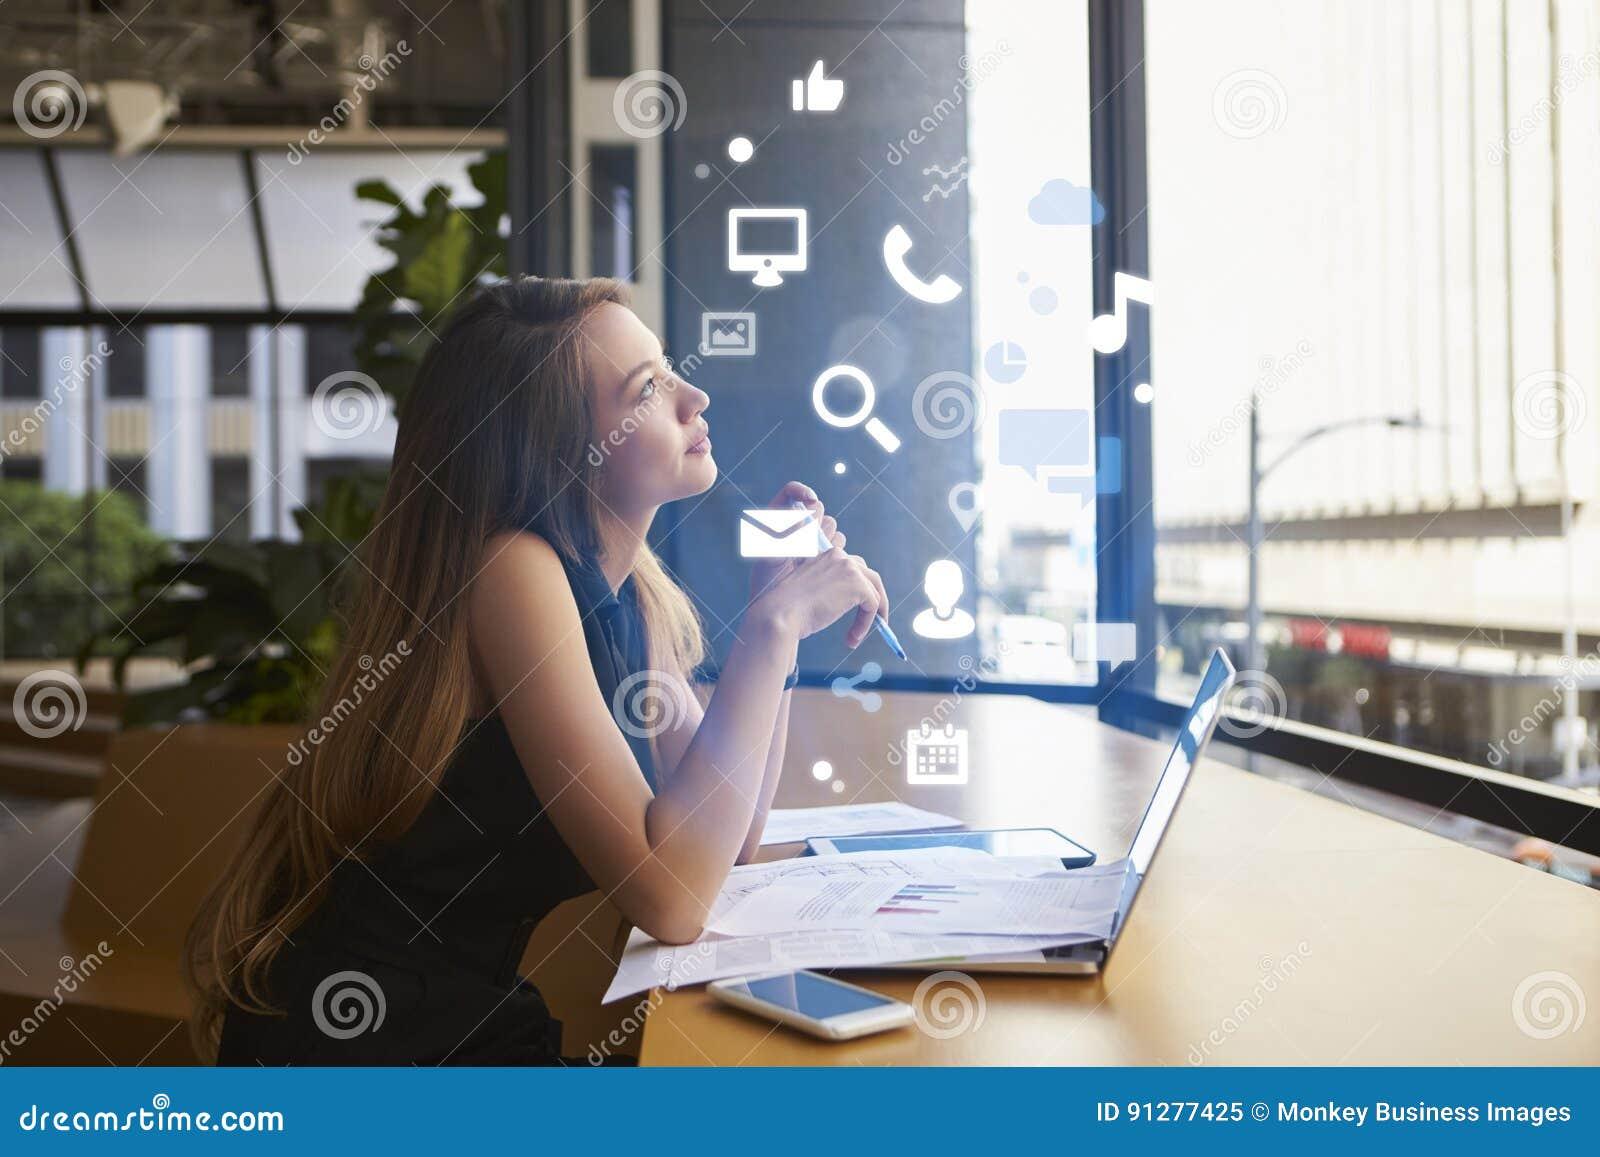 Affärskvinna som arbetar i ett kontor som ser app-symboler